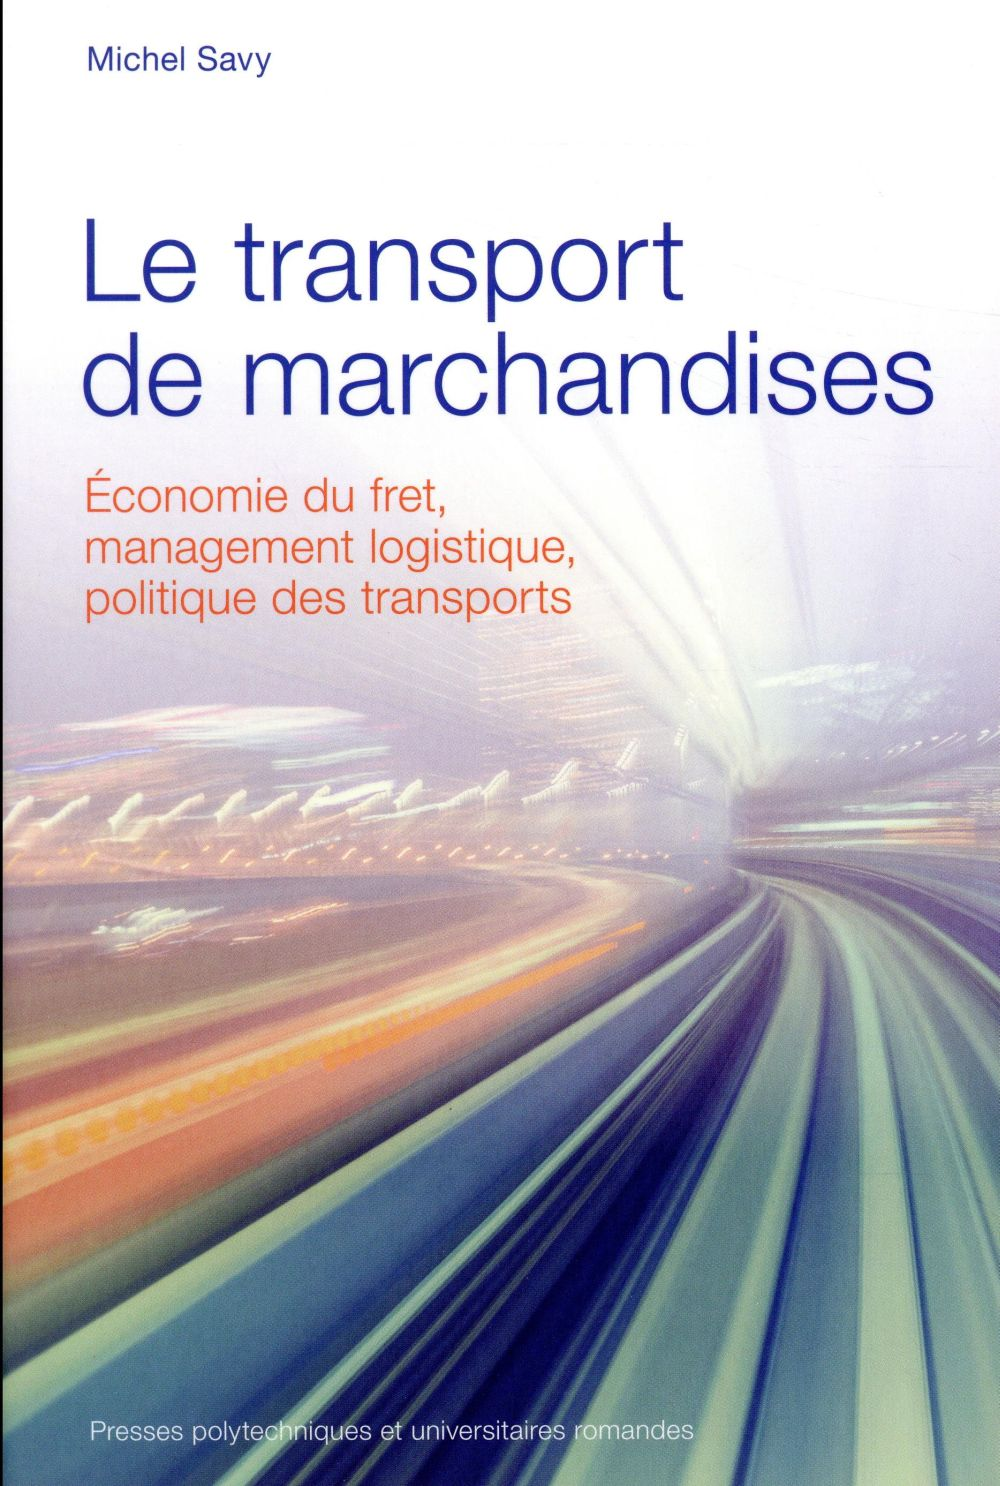 Le transport de marchandises ; économie du fret, management logistique, politique des transports